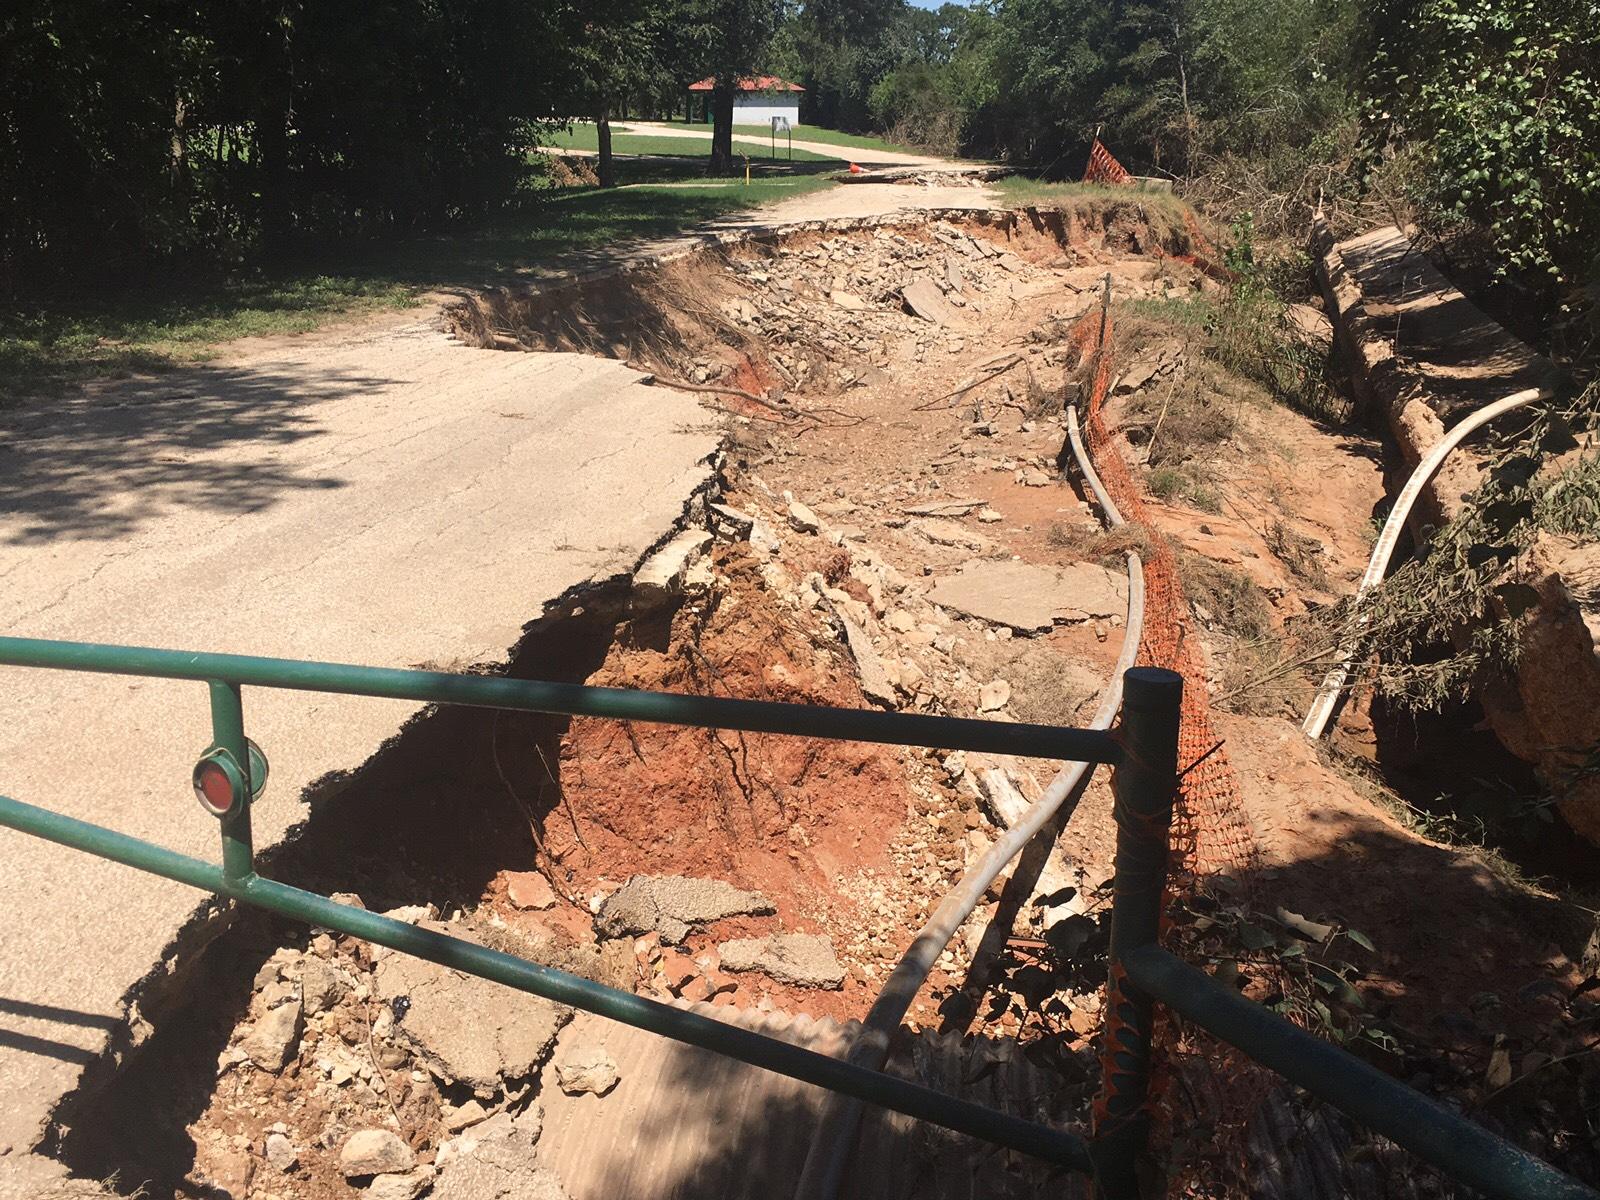 concrete SMithville River Bend damage_567960